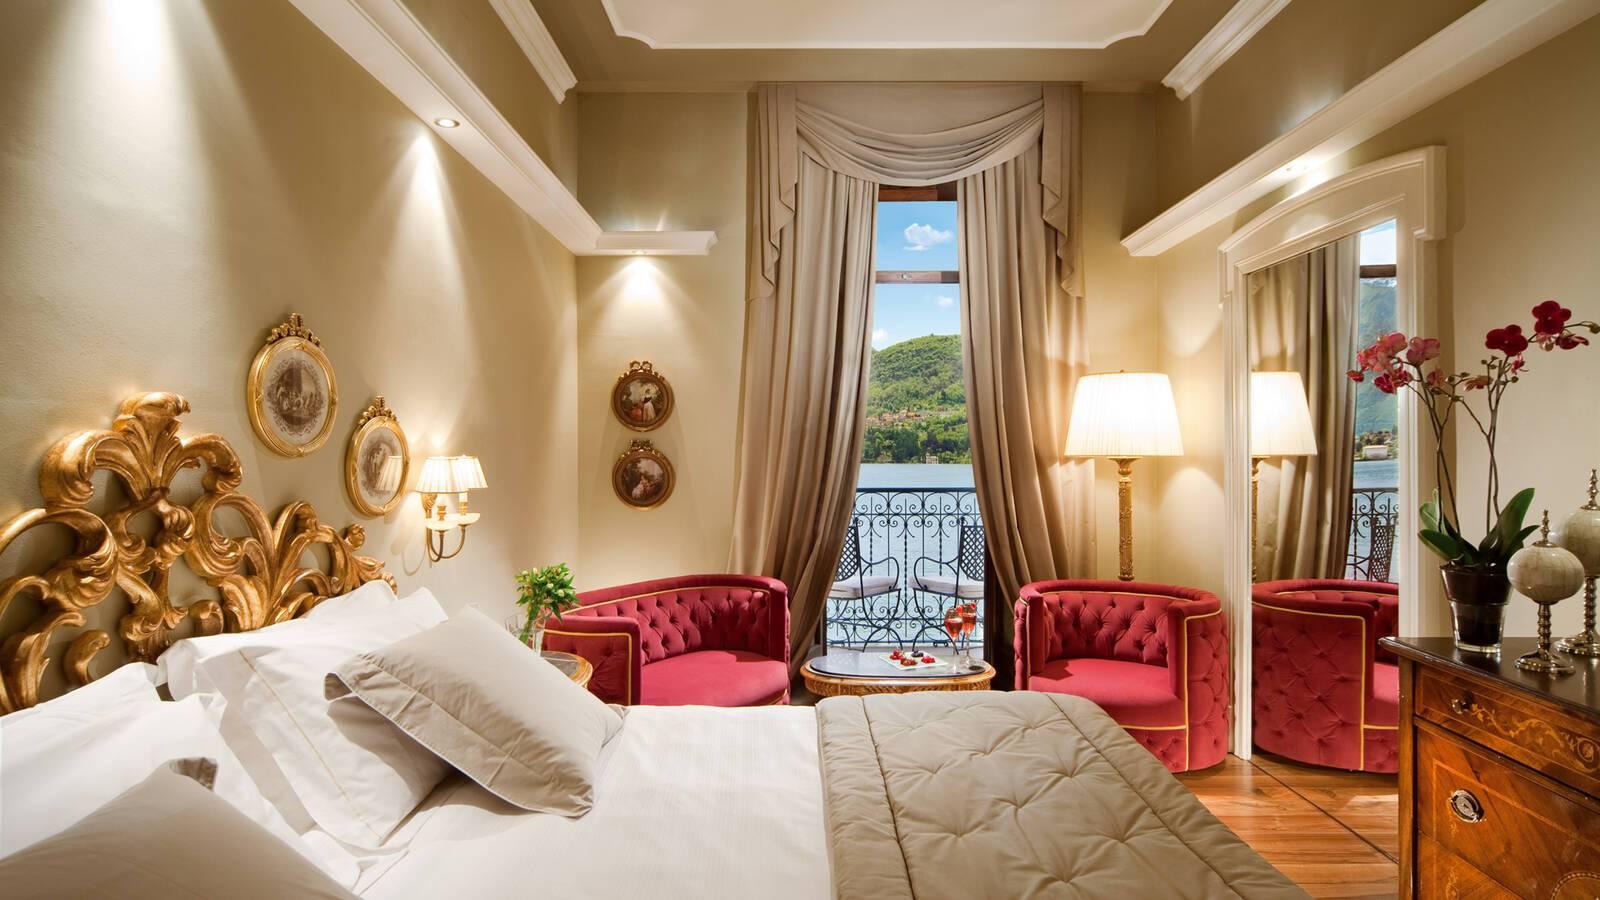 Grand Hotel Tremezzo Lac Come lake view prestige chambre Roberto Bonardi